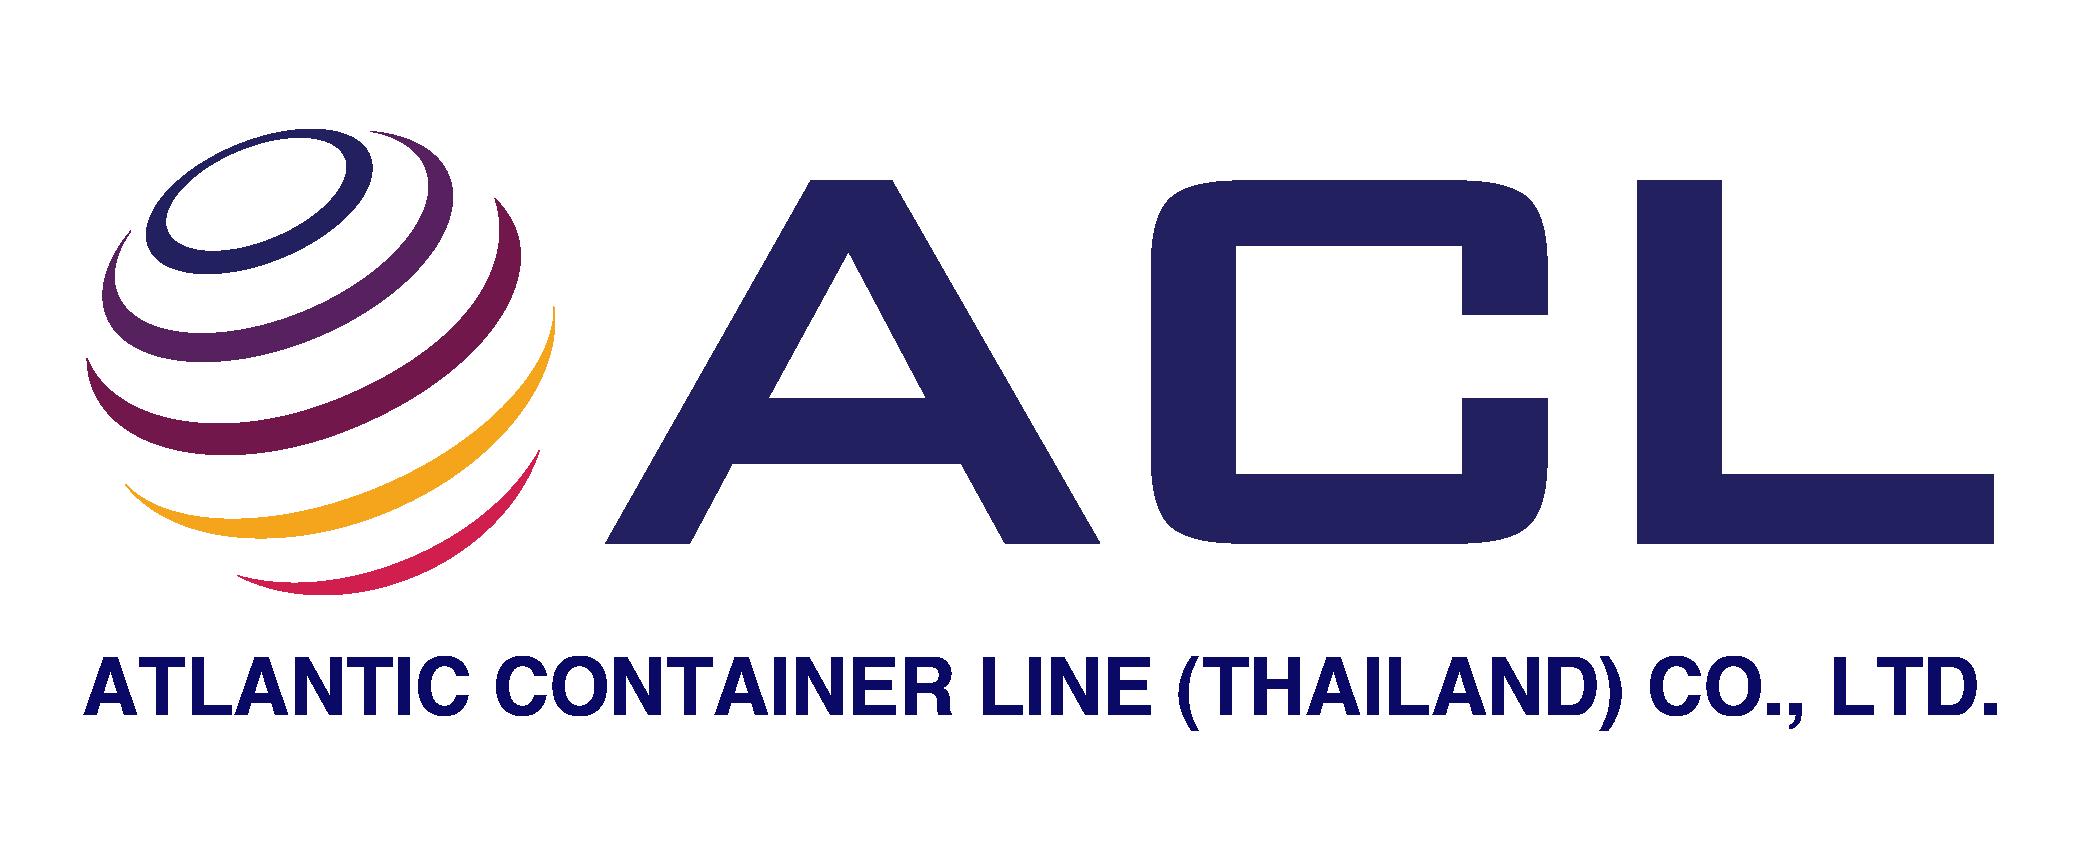 ATLANTIC CONTAINER LINE (THAILAND) CO., LTD.